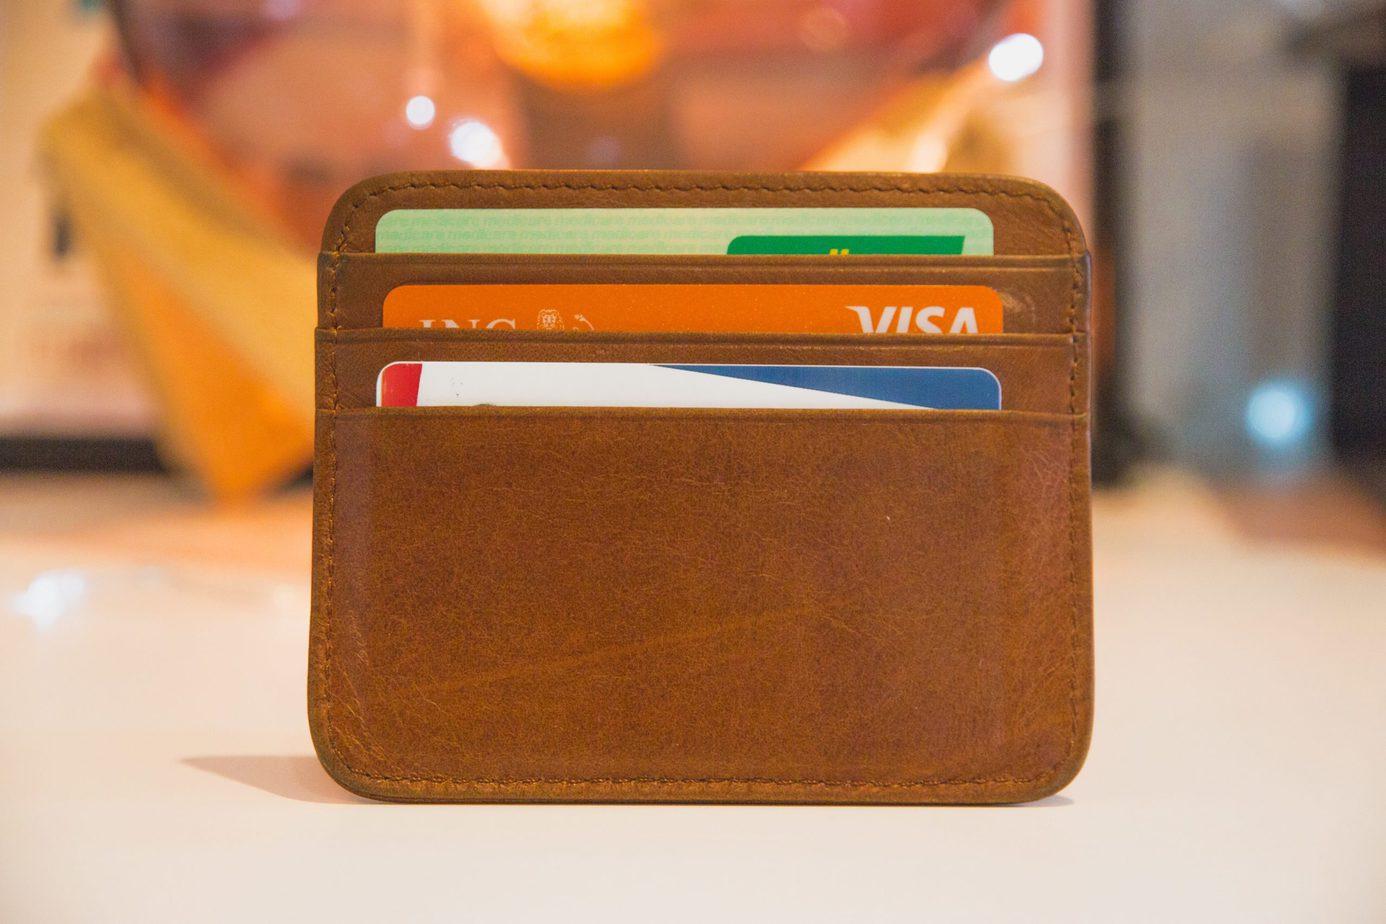 Olika Kreditkort i en wallet